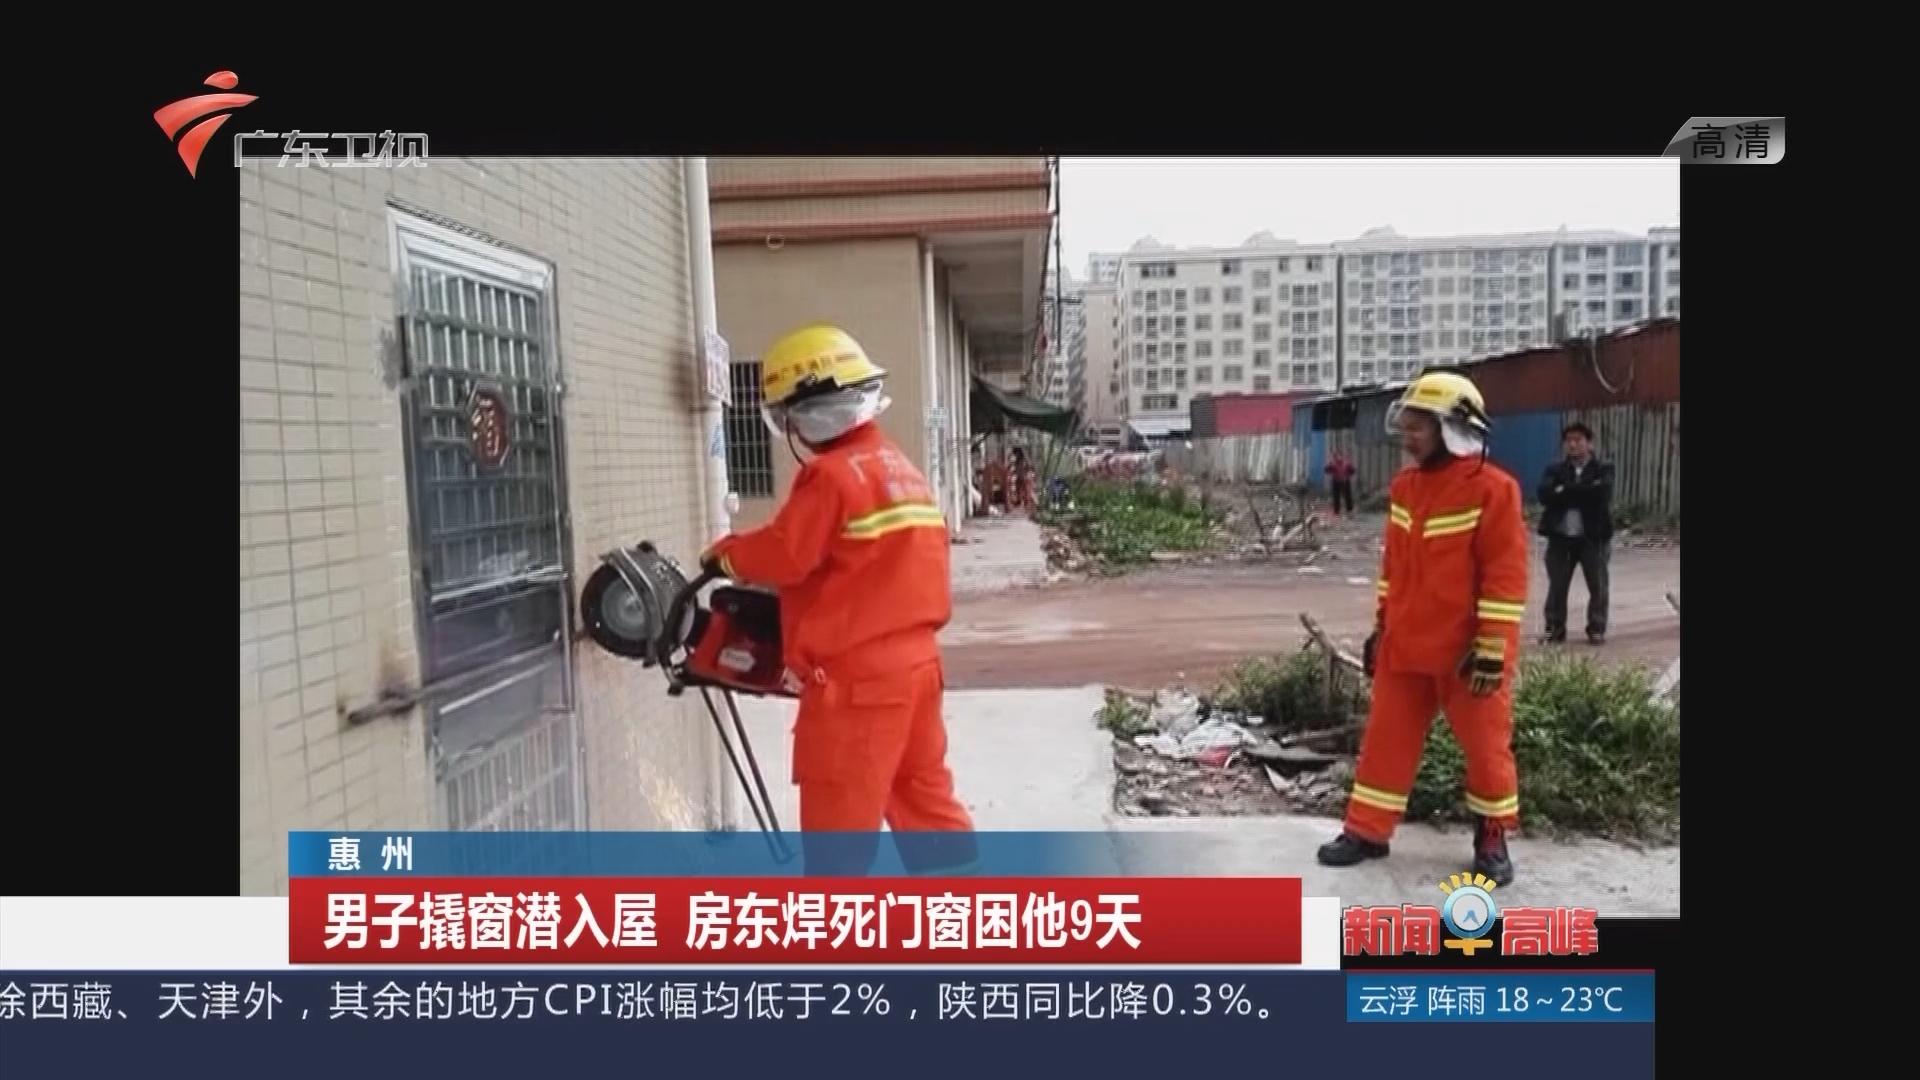 惠州:男子撬窗潜入屋 房东焊死门窗困他9天